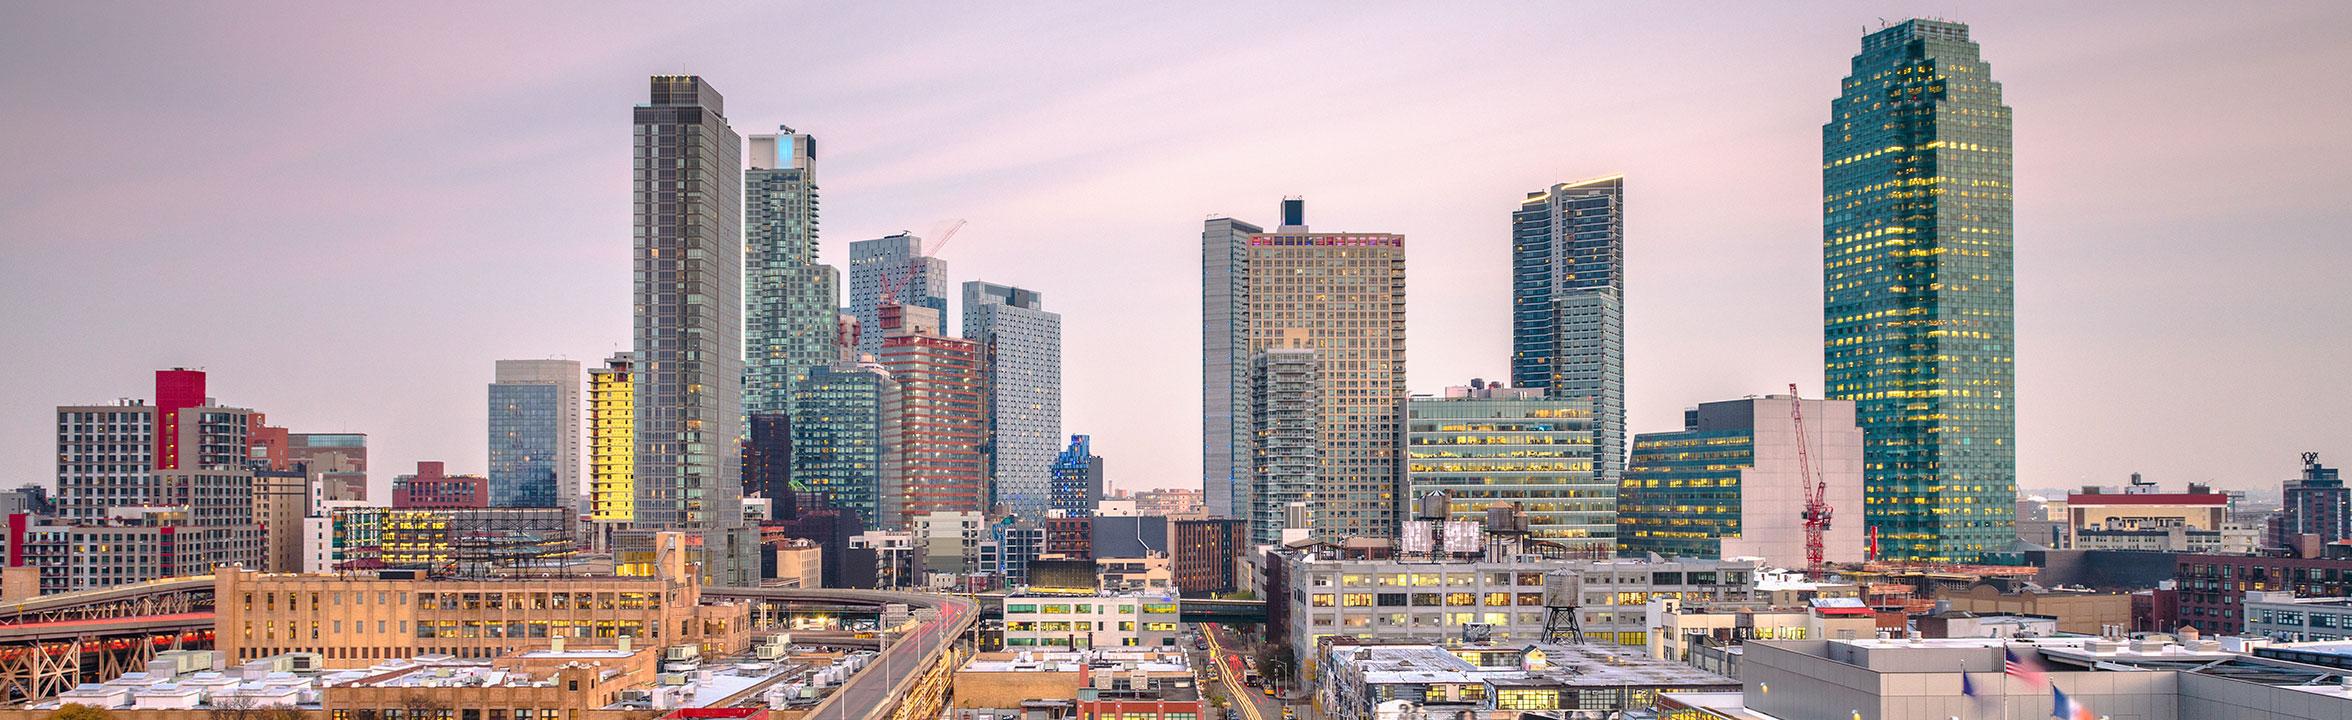 Queens New York skyline